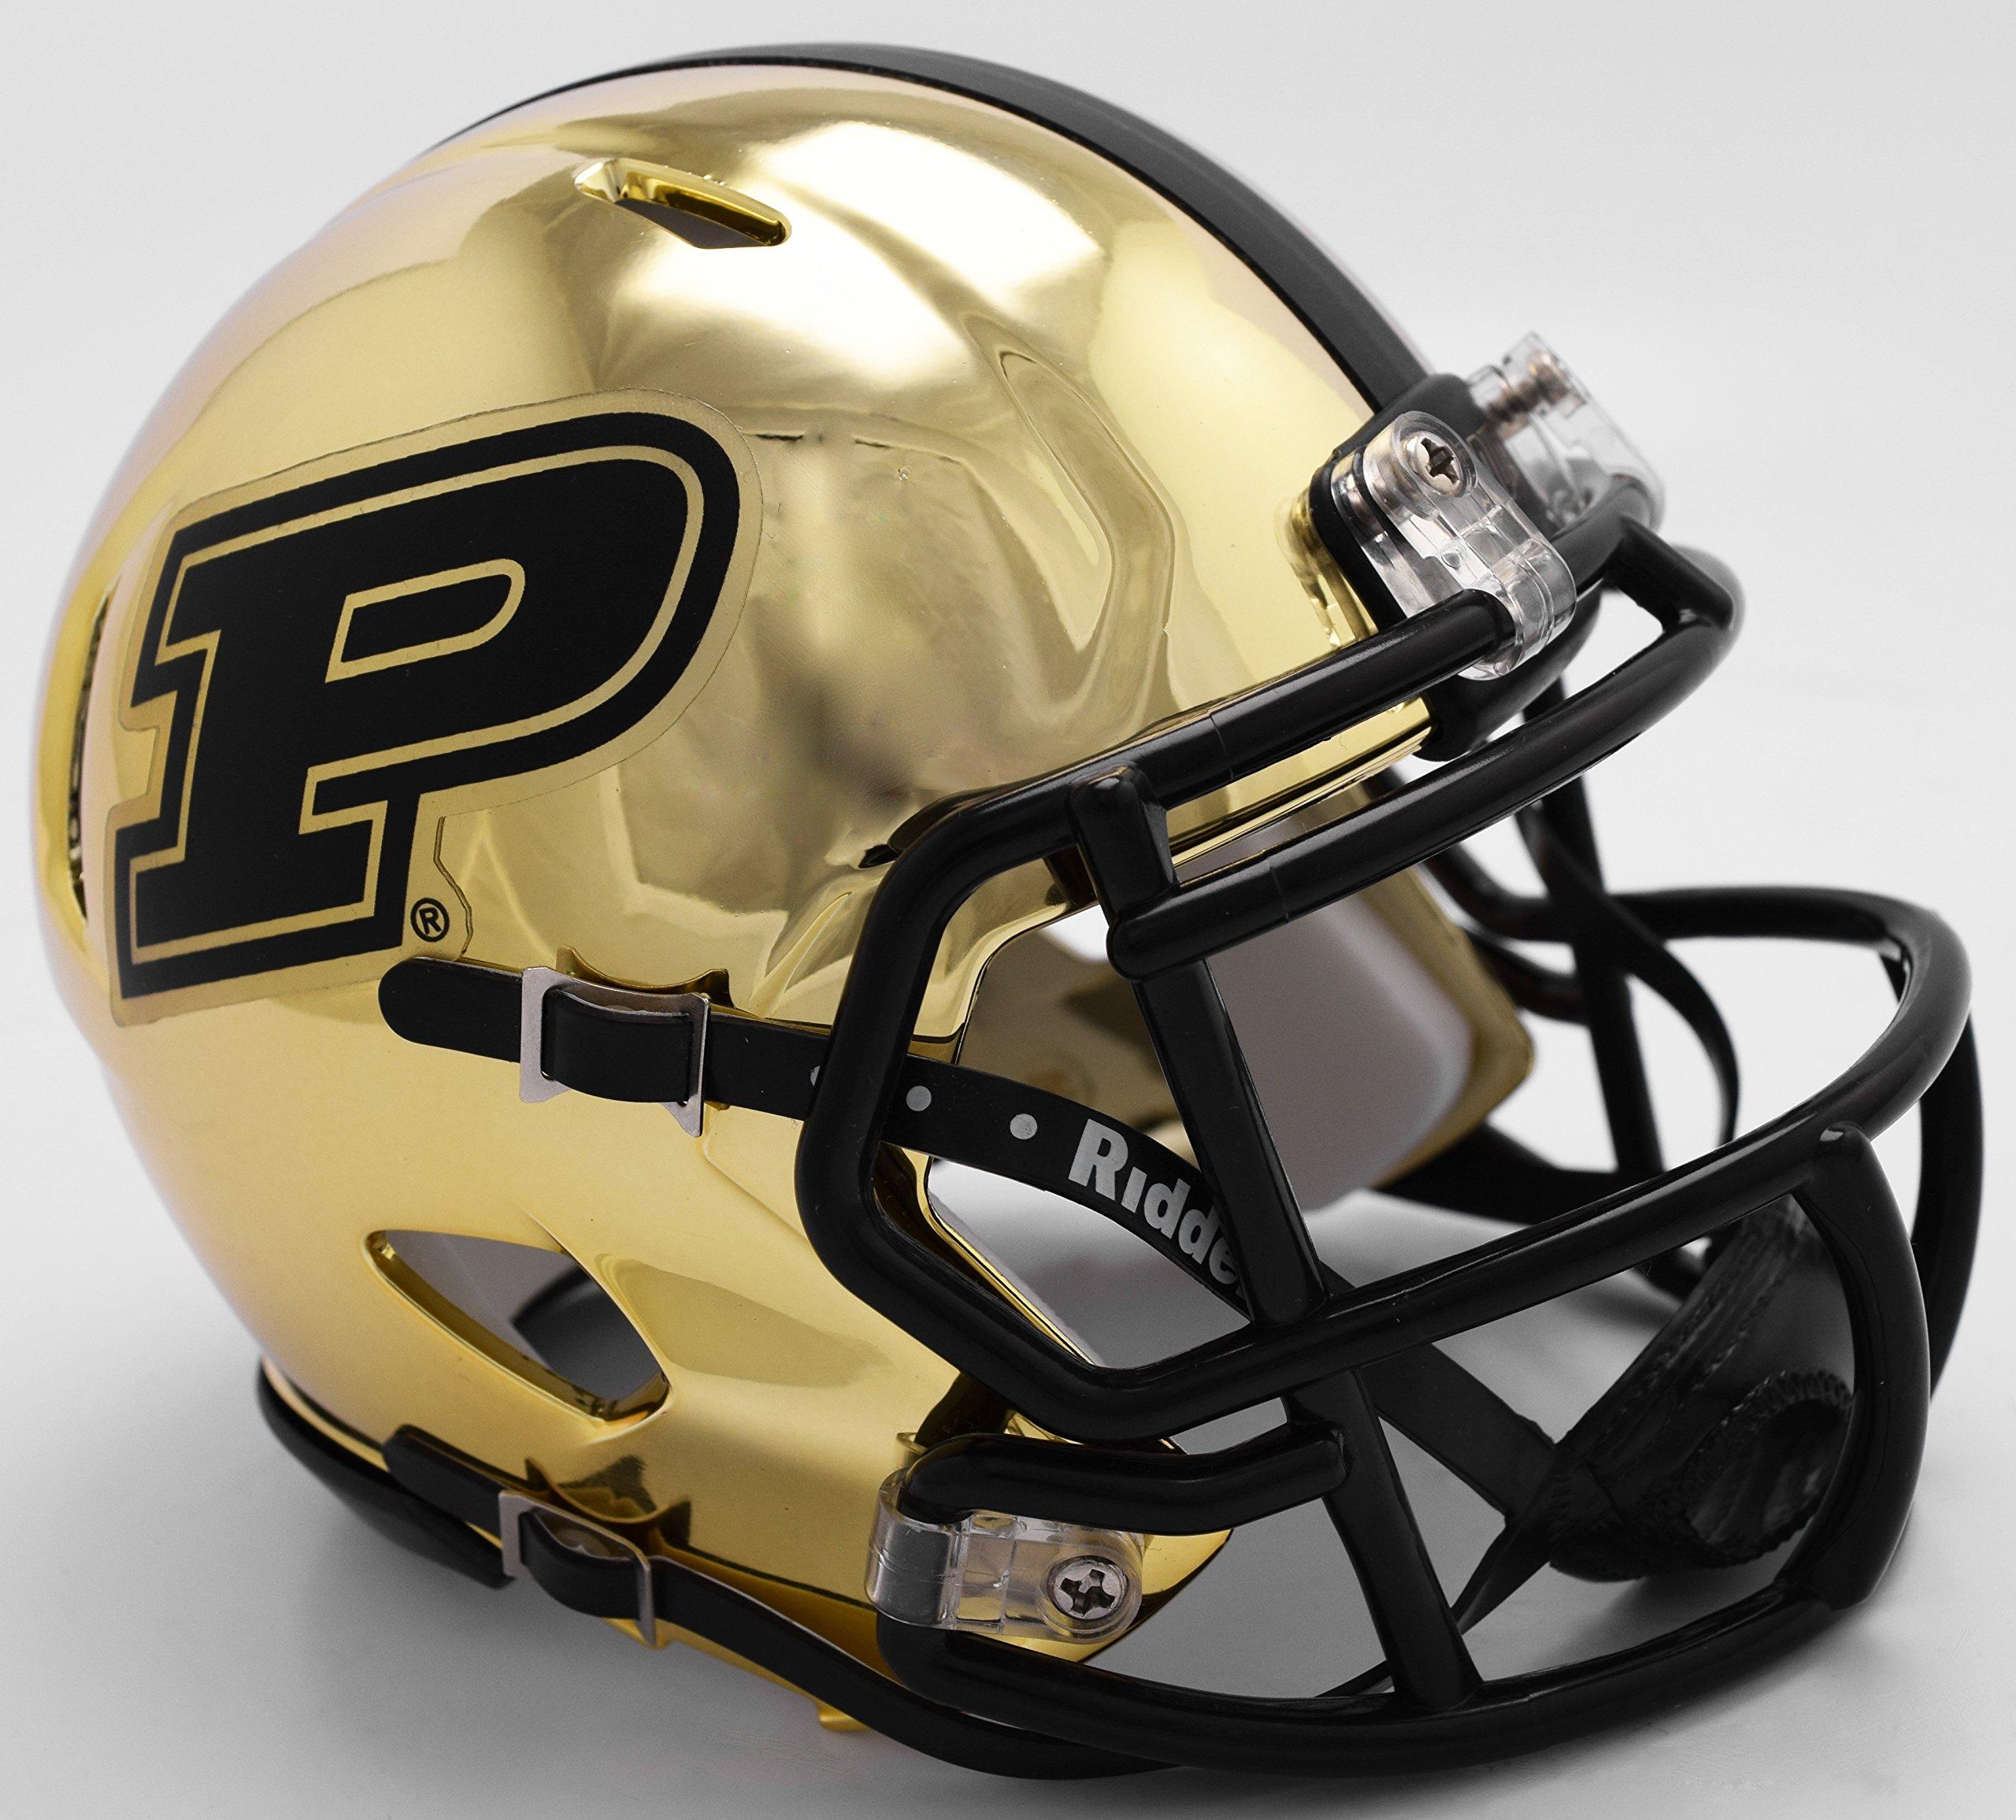 Purdue Boilermakers Riddell Chrome Speed Mini Football Helmet New in Riddell Box